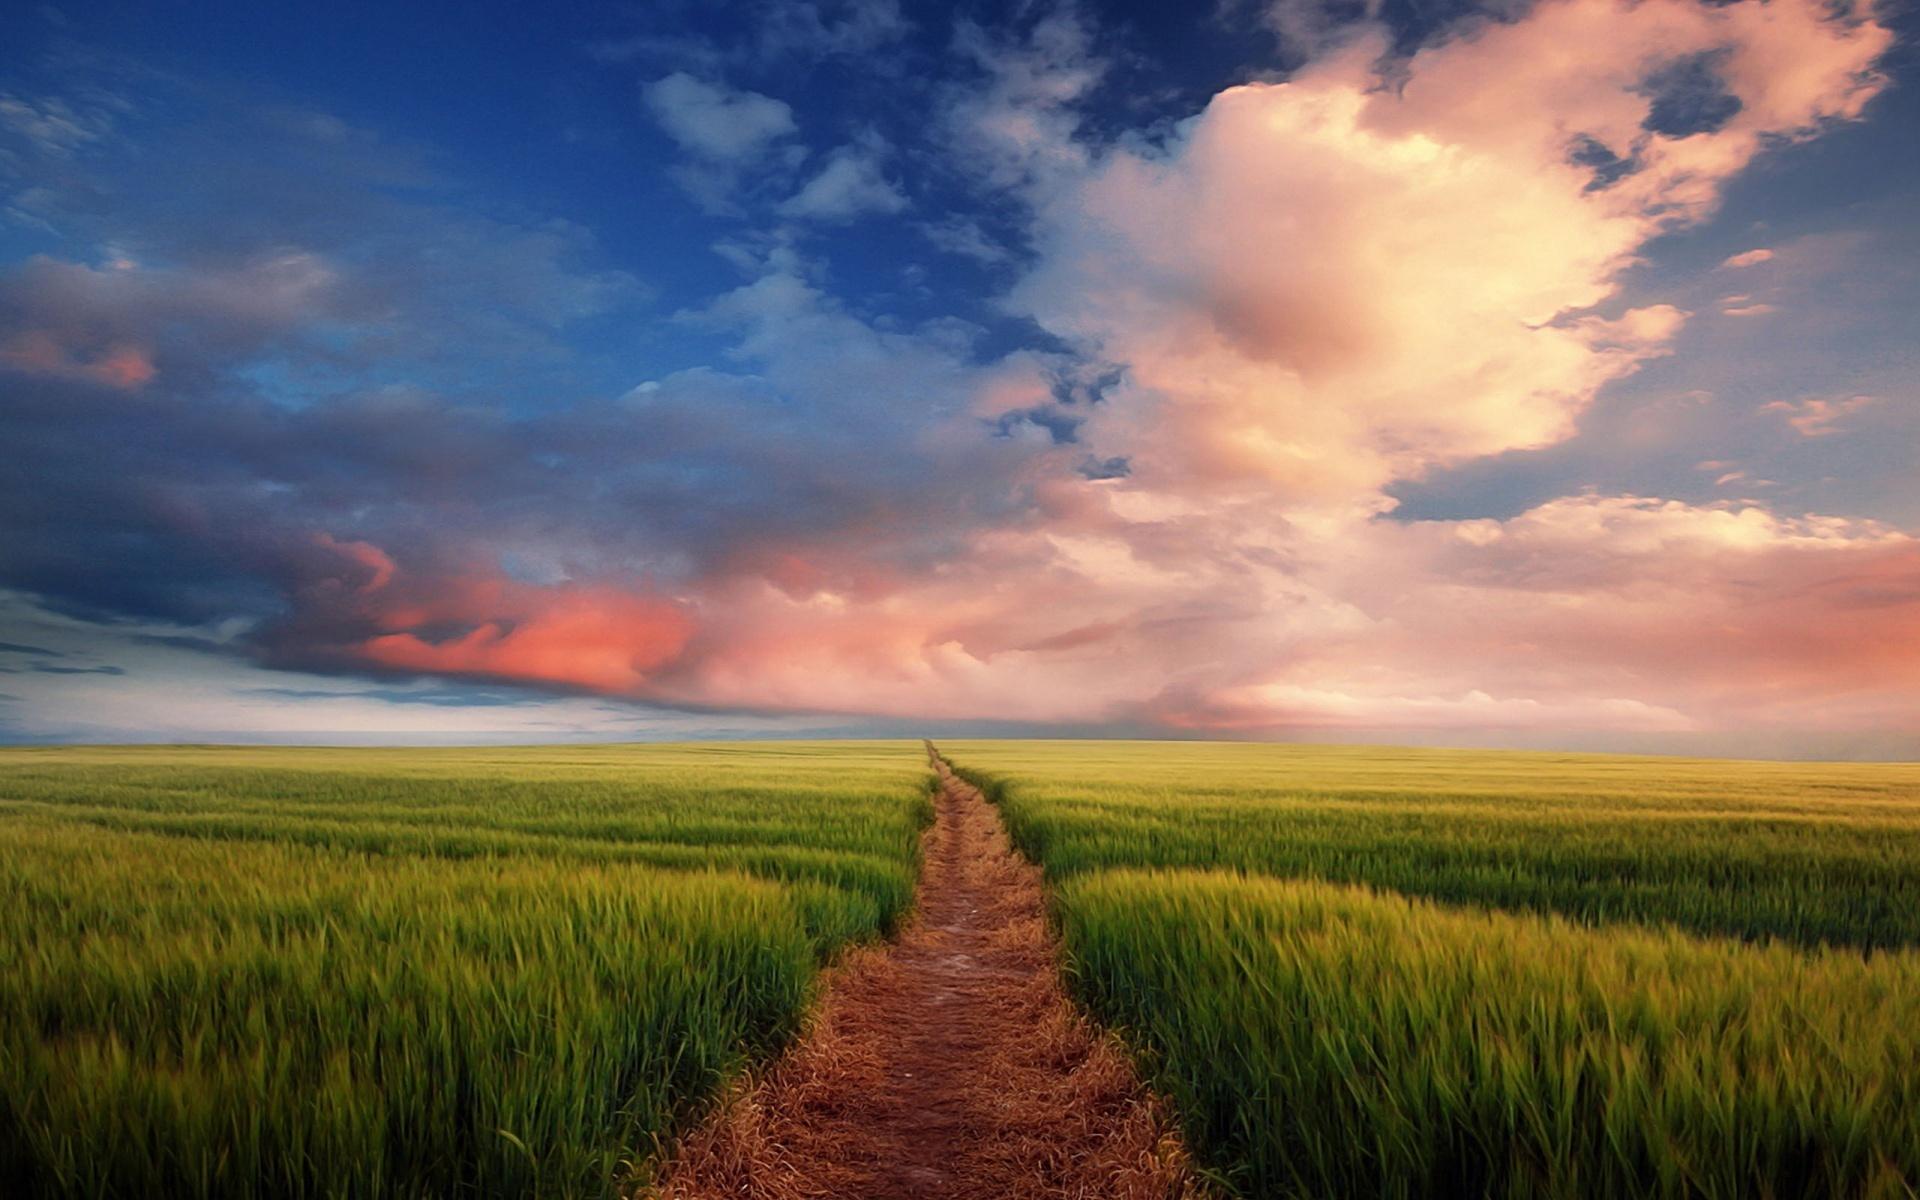 nature-spirituality